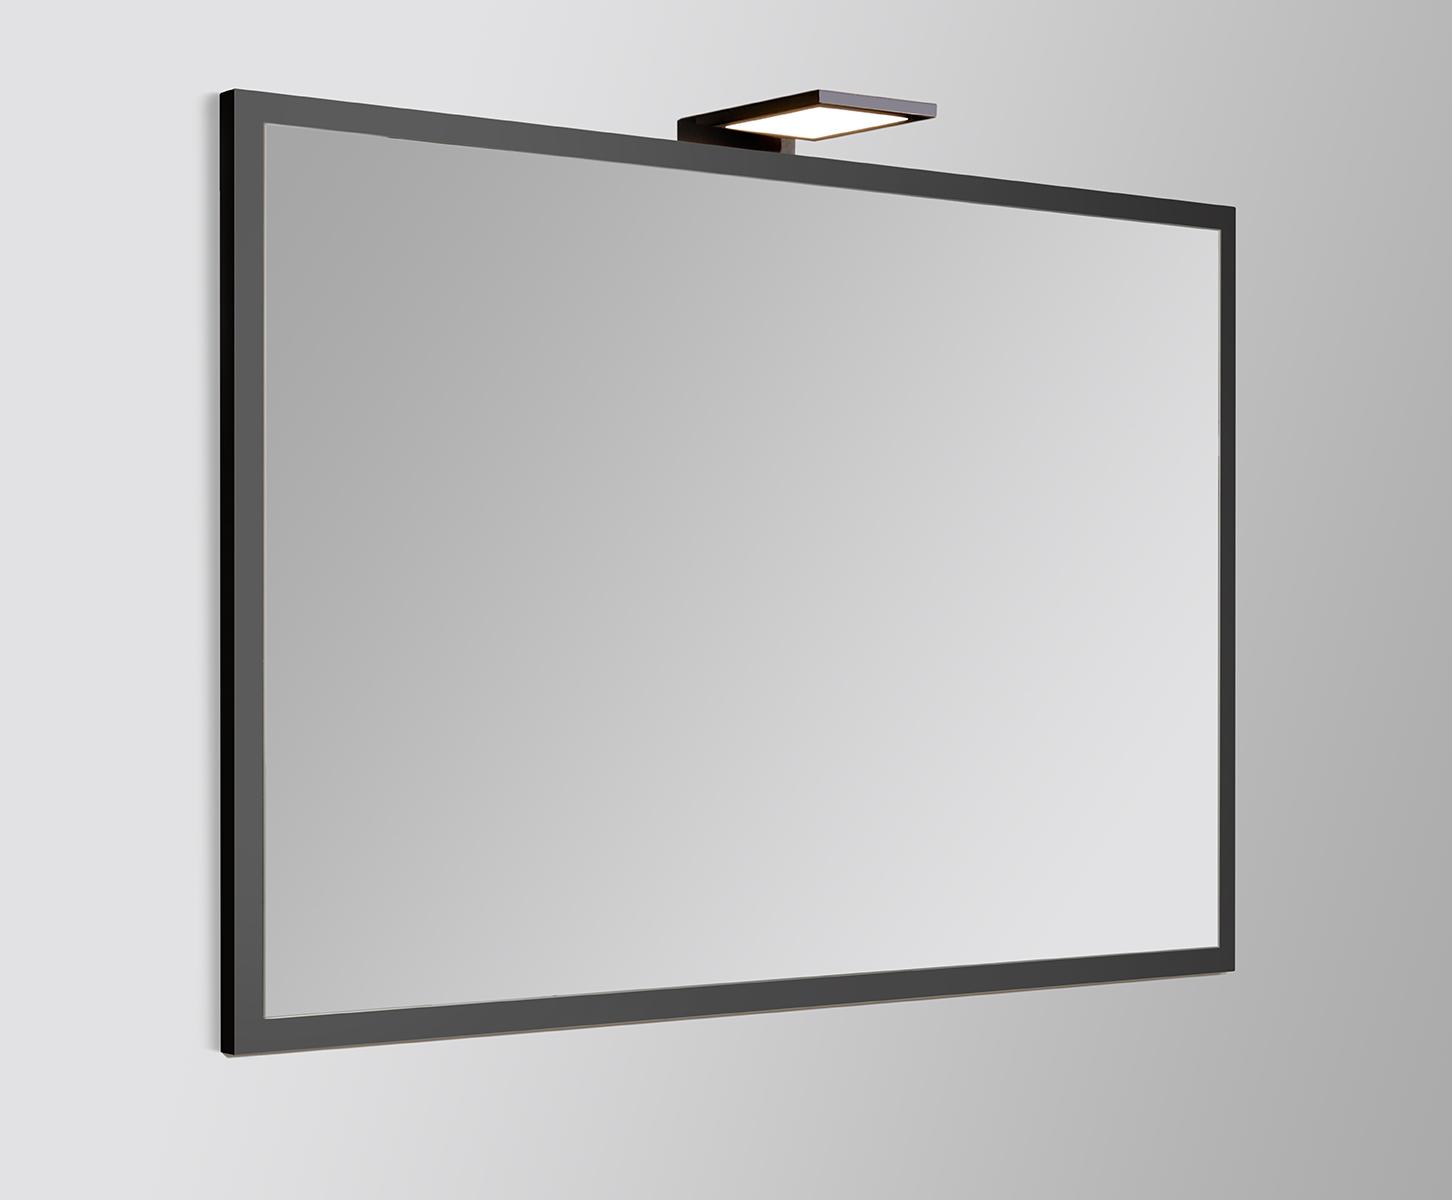 Spiegel Met Lijst.Vtwonen Baden Goodmorning Spiegel Met Lijst 120 X 60 Cm Black